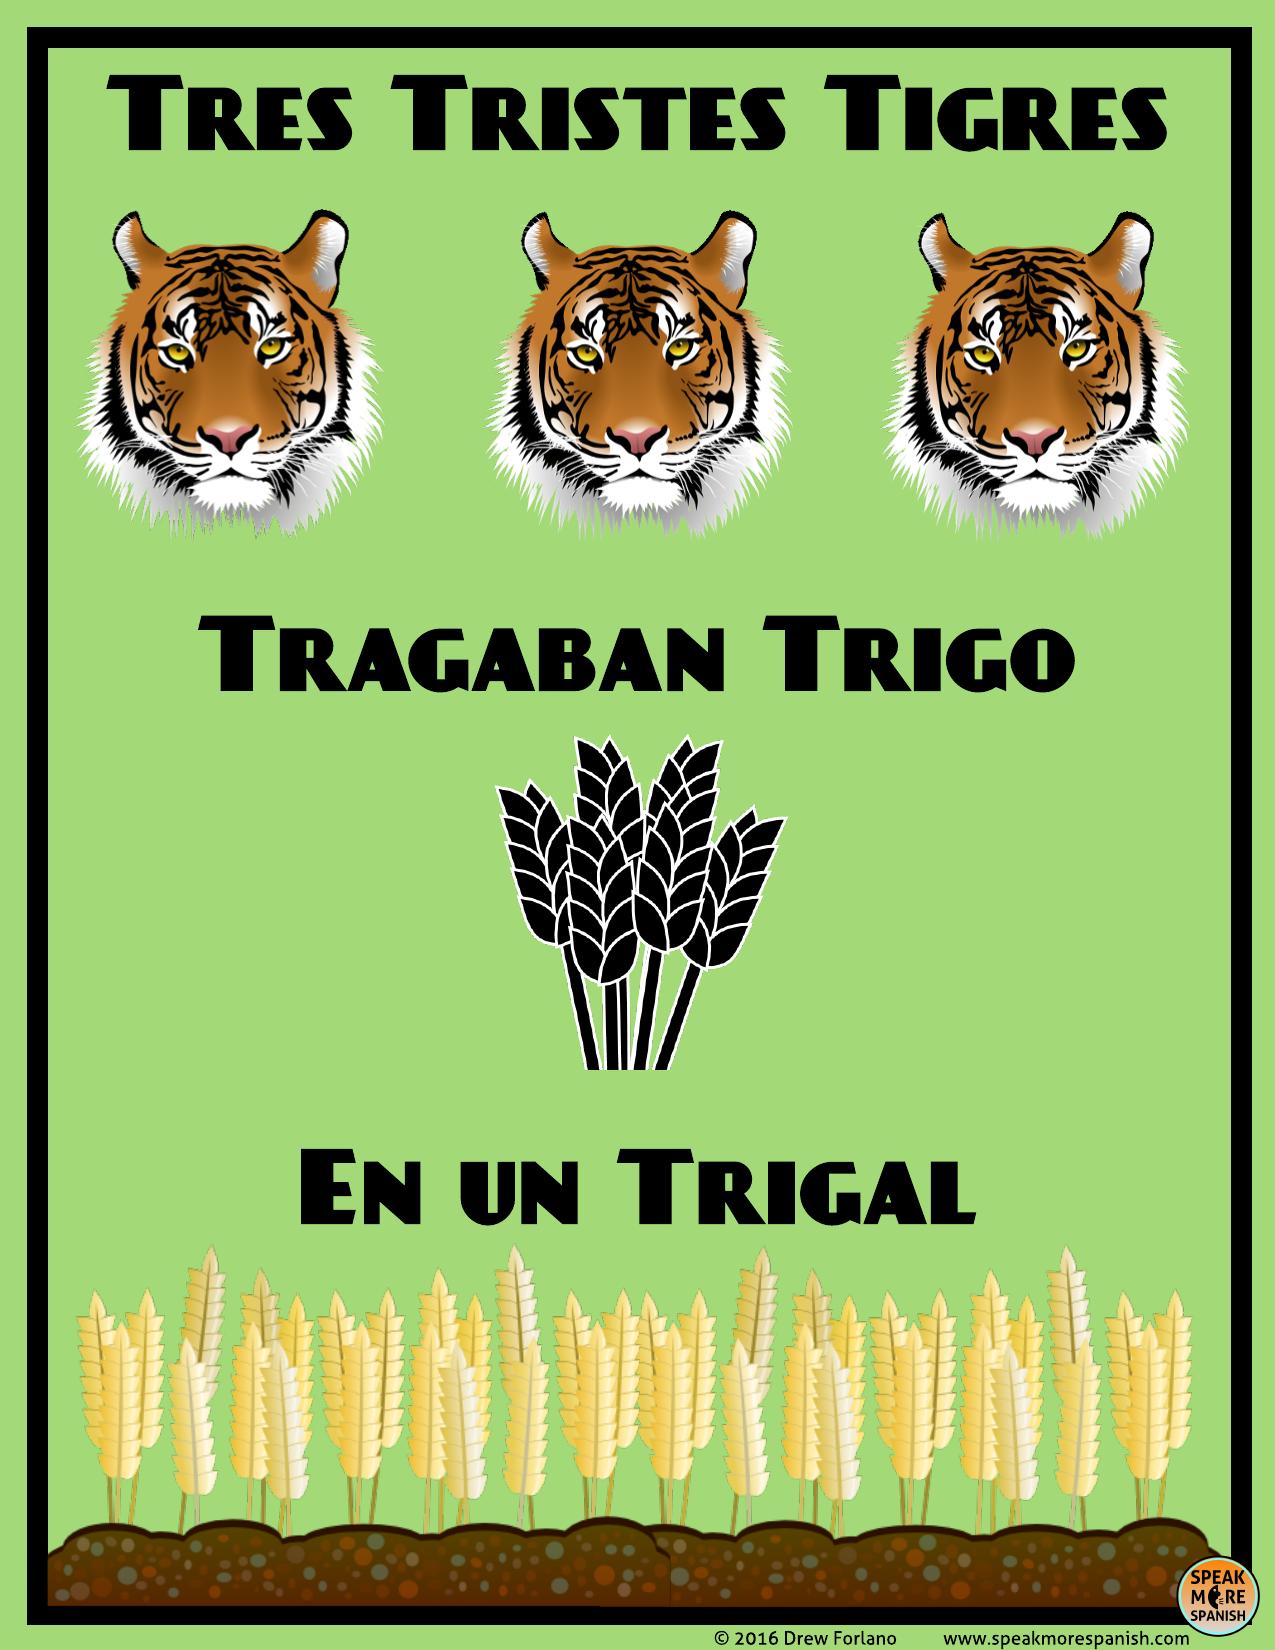 Gratis - Free Spanish Poster - Espanol